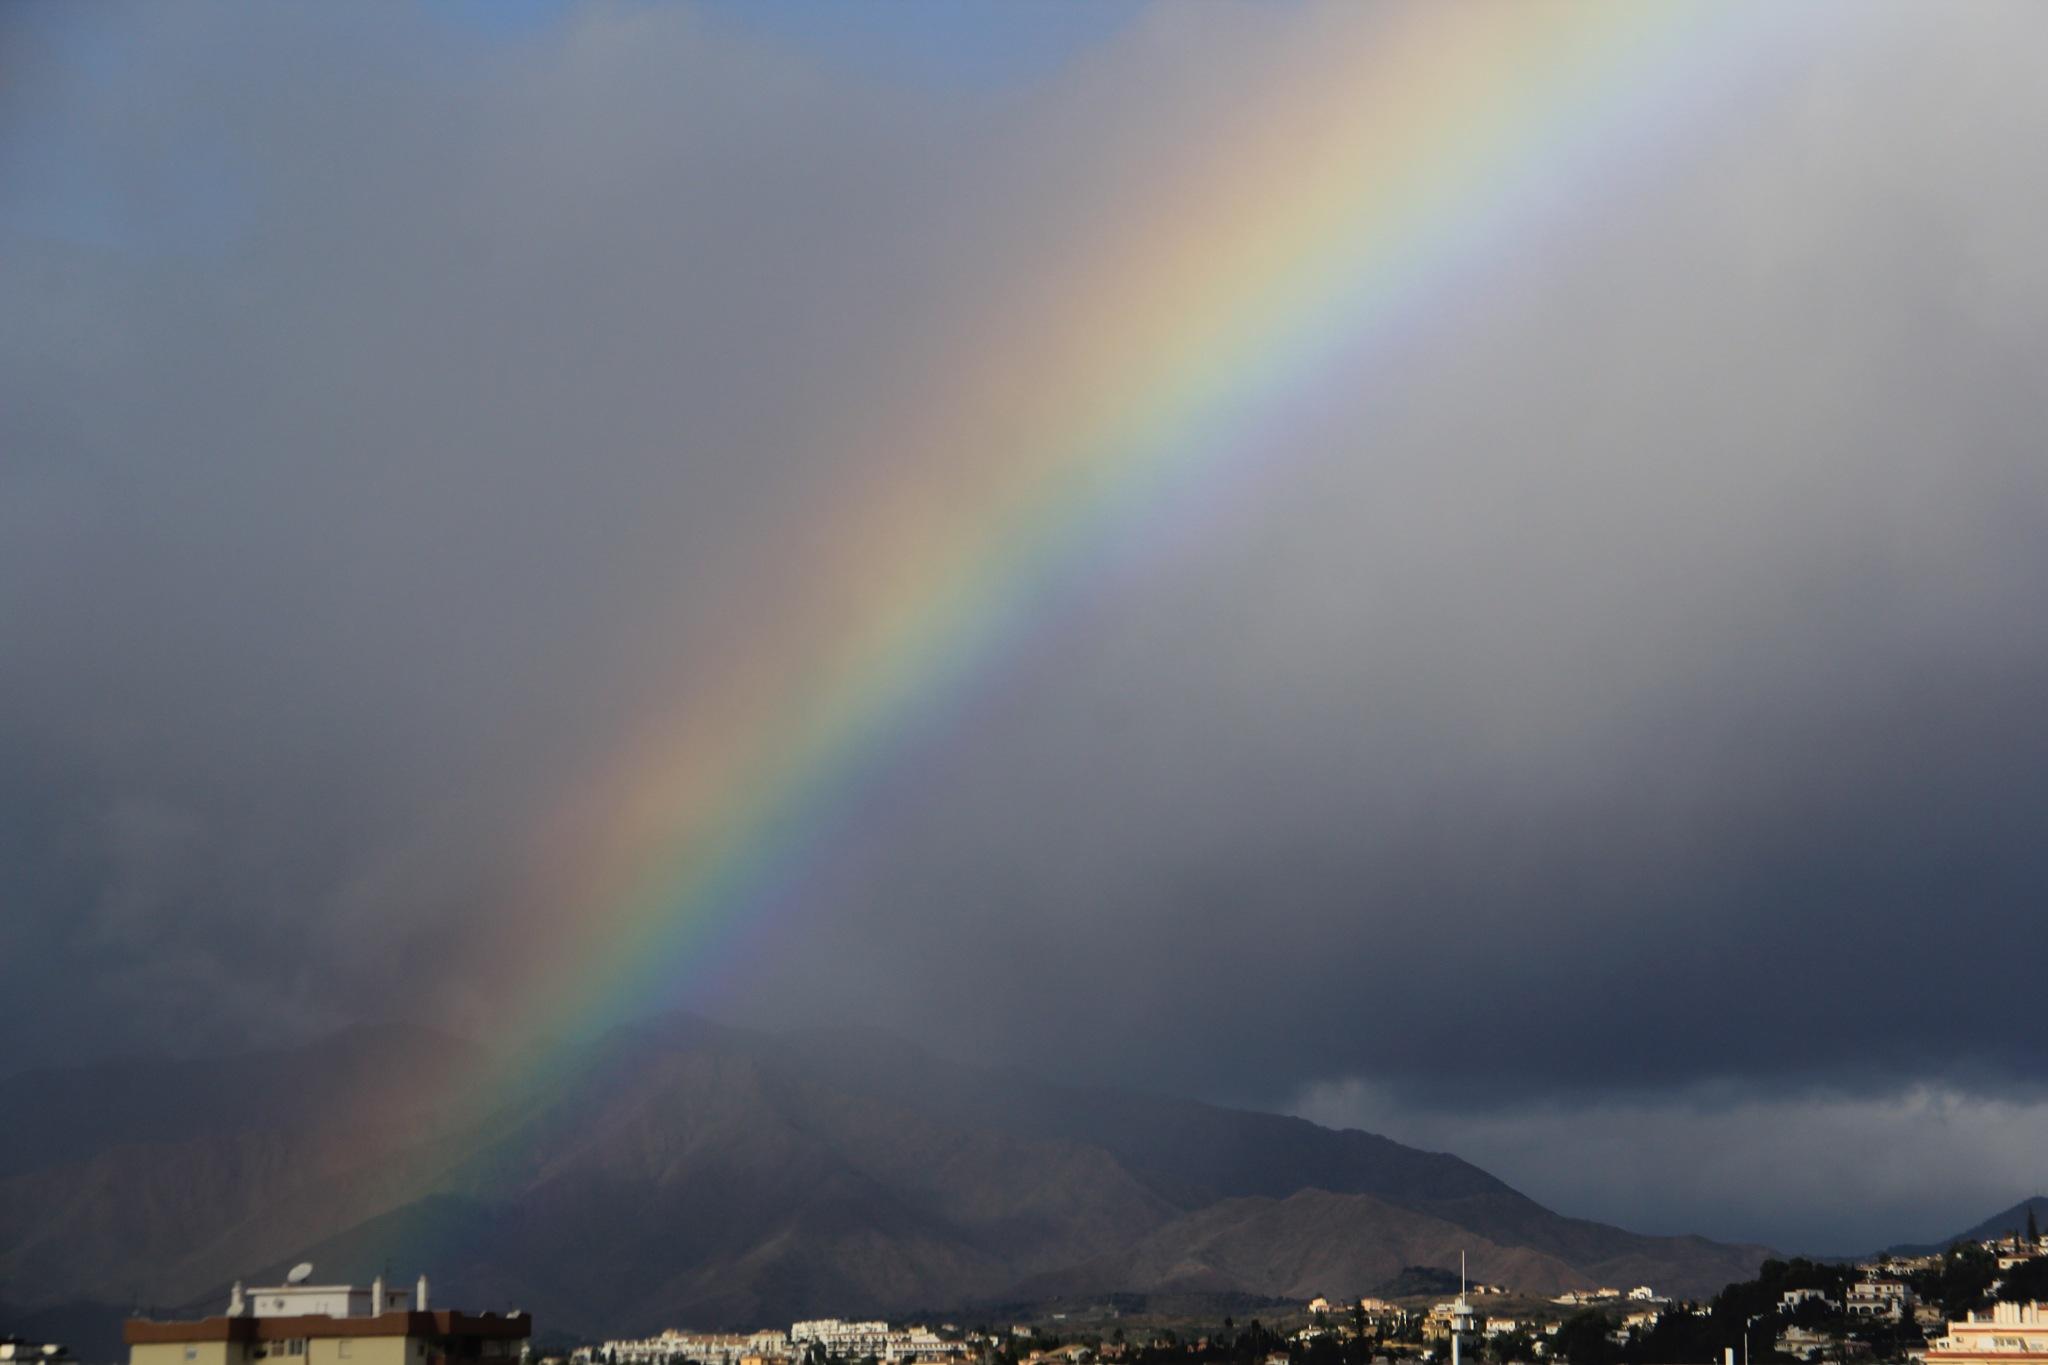 Rainbow by Daveschoie